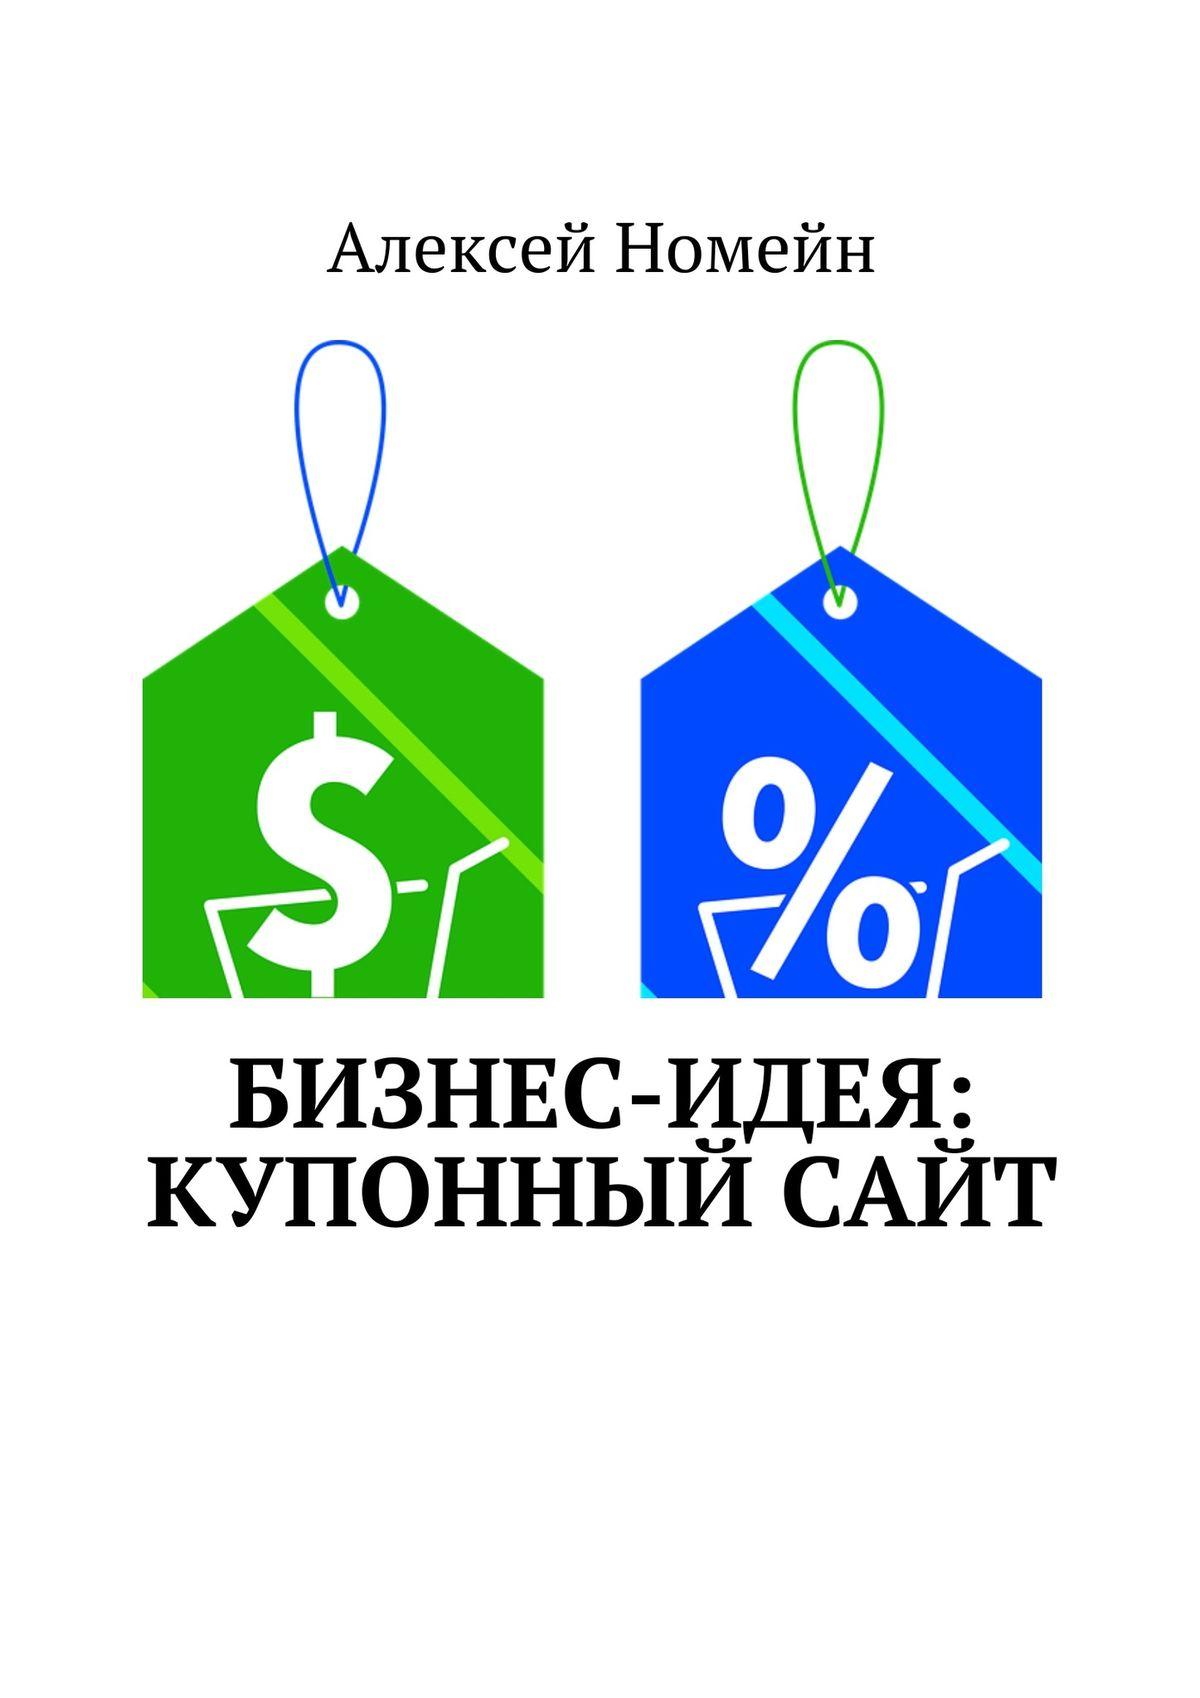 Алексей Номейн Бизнес-идея: Купонныйсайт алексей номейн бизнес без увольнения